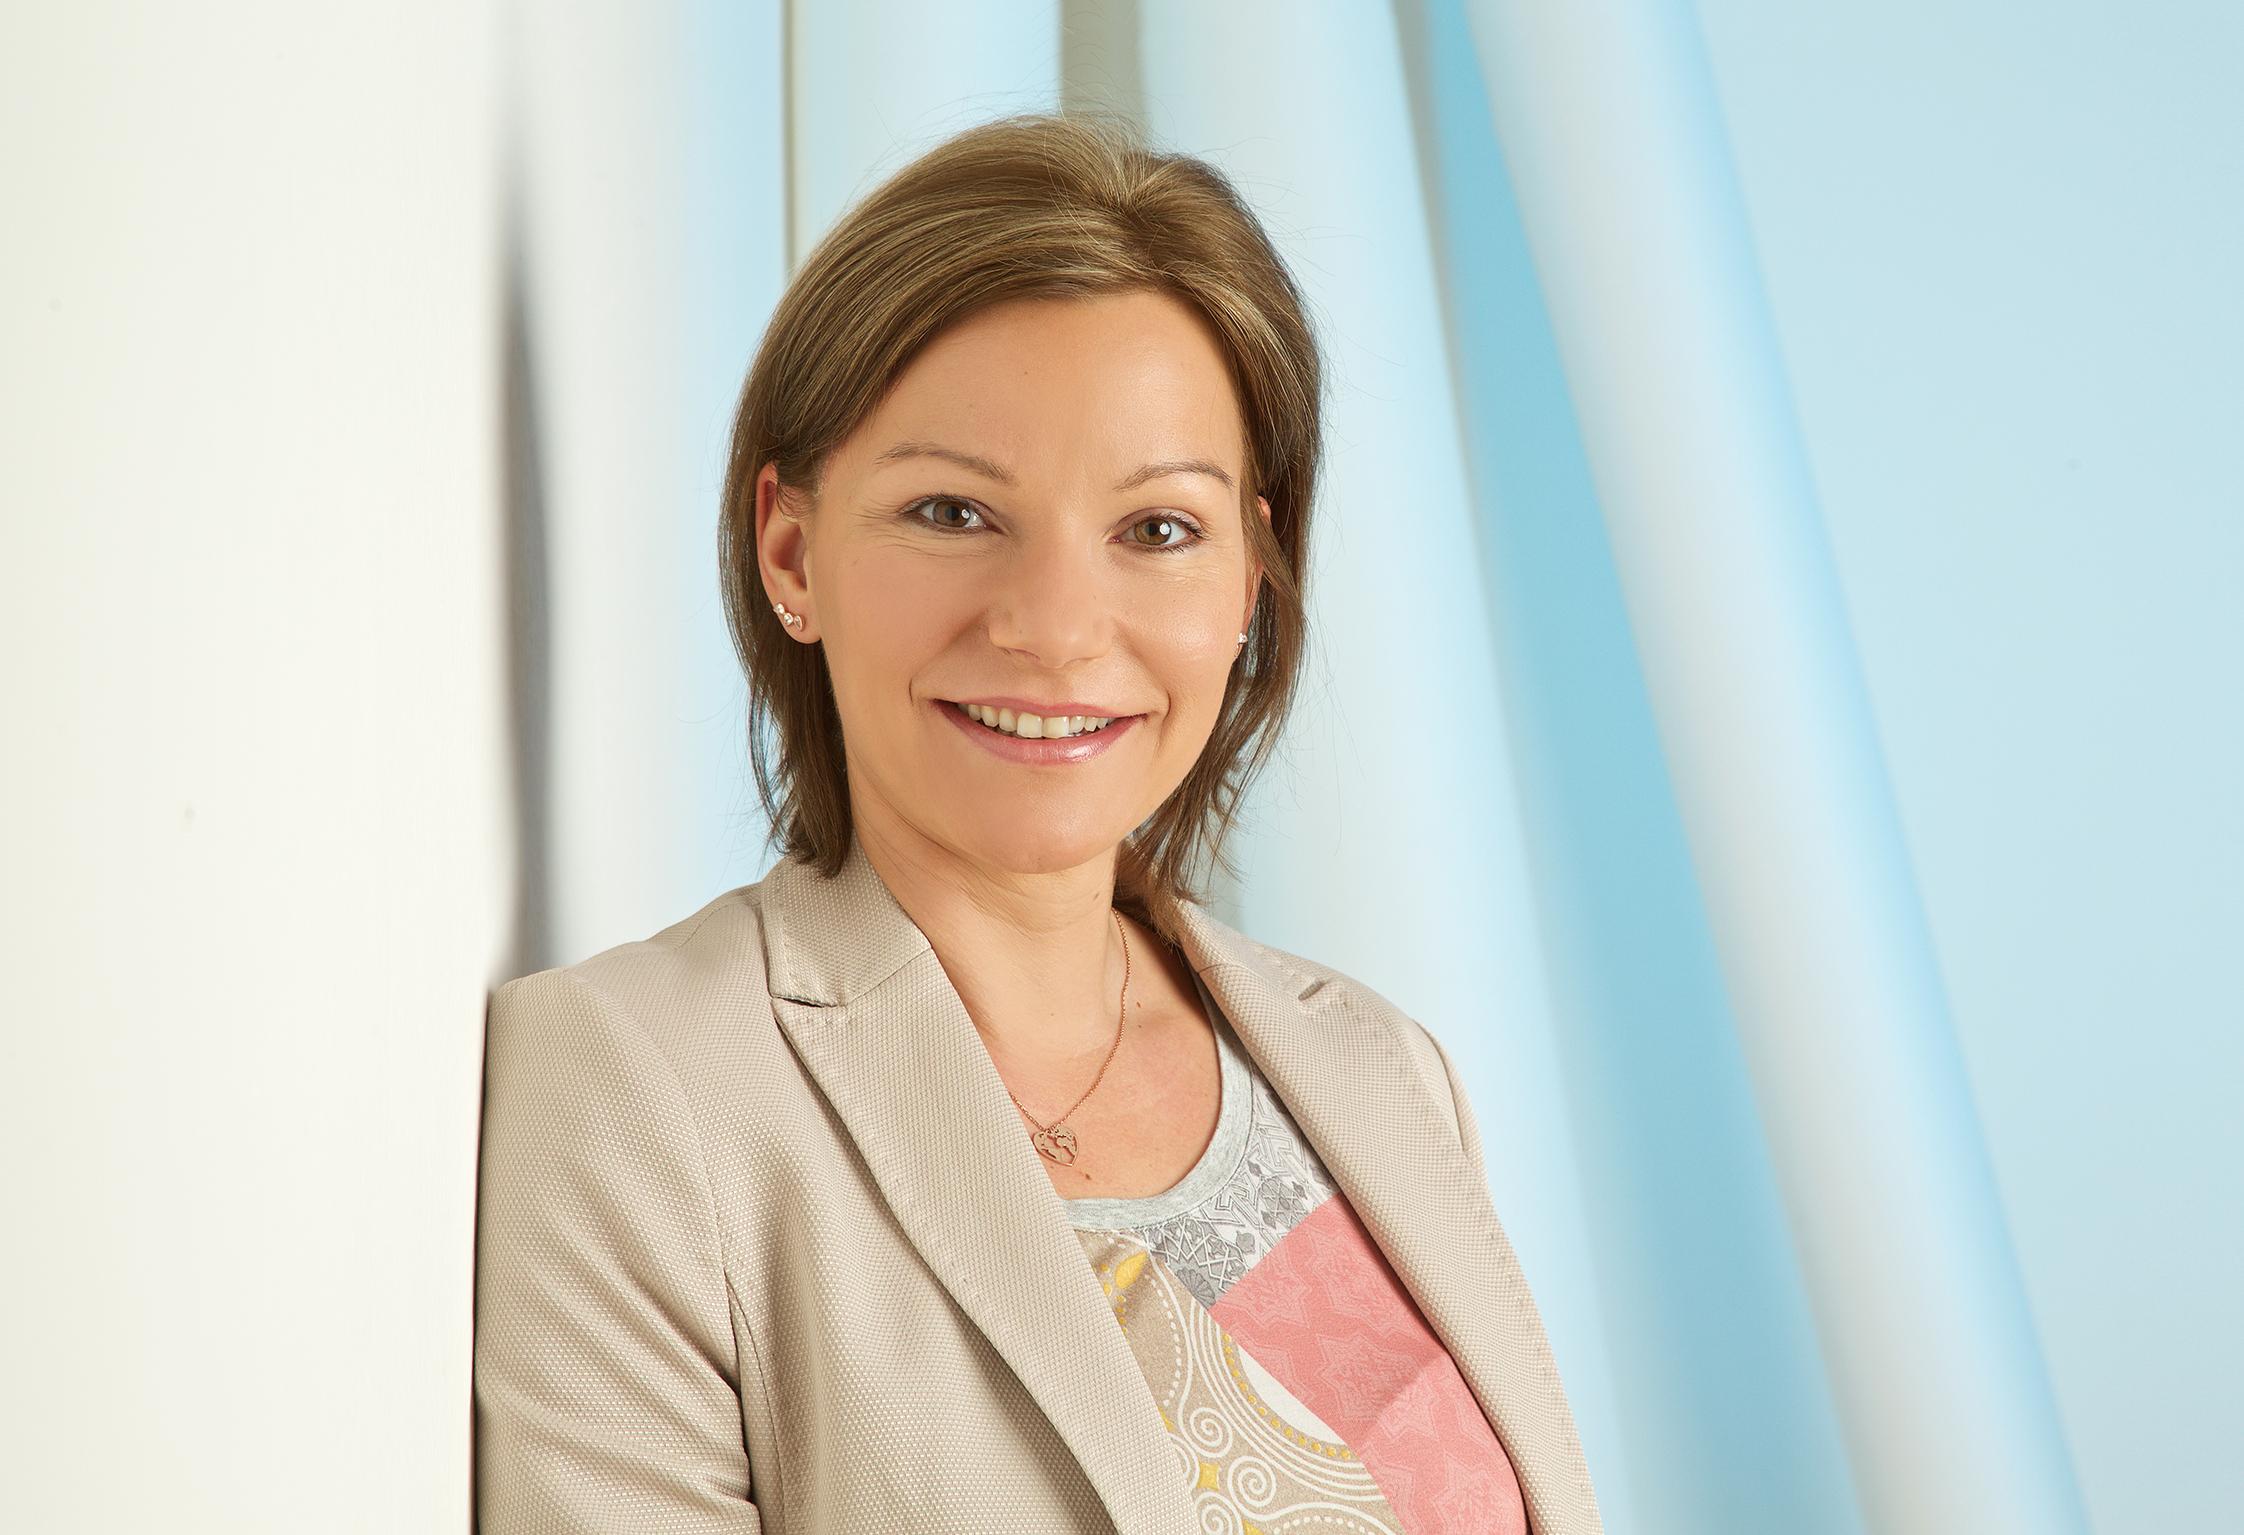 Michelle Mohorn leitet AQUAPOL International in die Zukunft